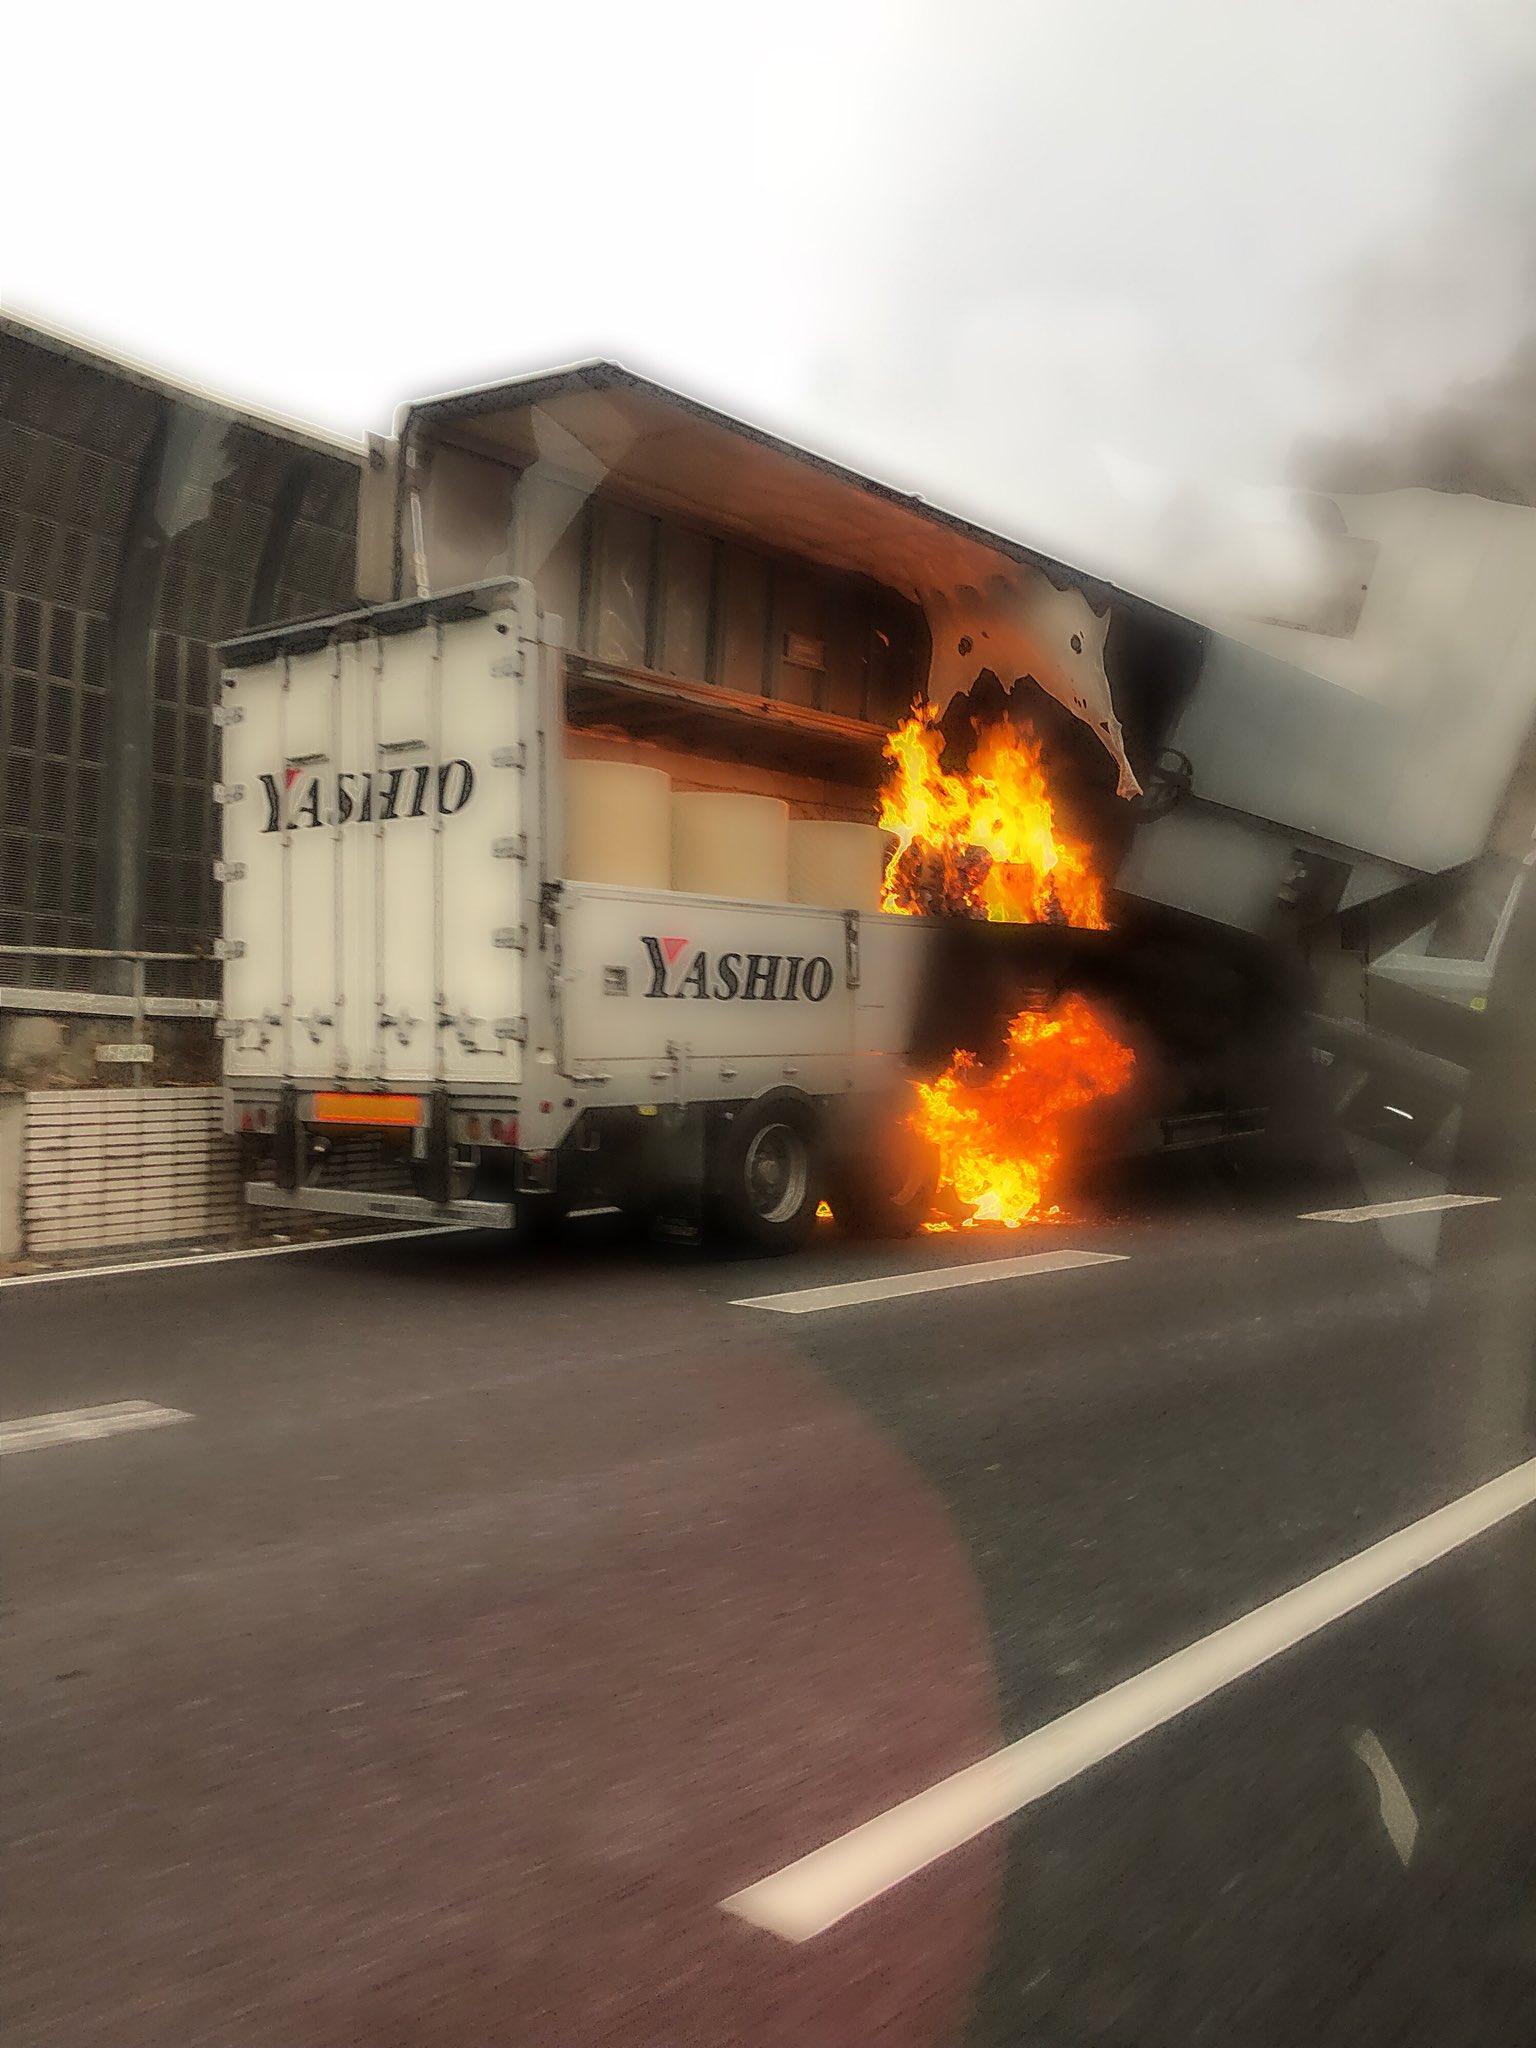 画像,高速道路に荷物燃えちゃって停まってる車いたの(まだ消防車来る前の写真)窓越しでもあつかったよビックリした https://t.co/ewaxTbC68b…